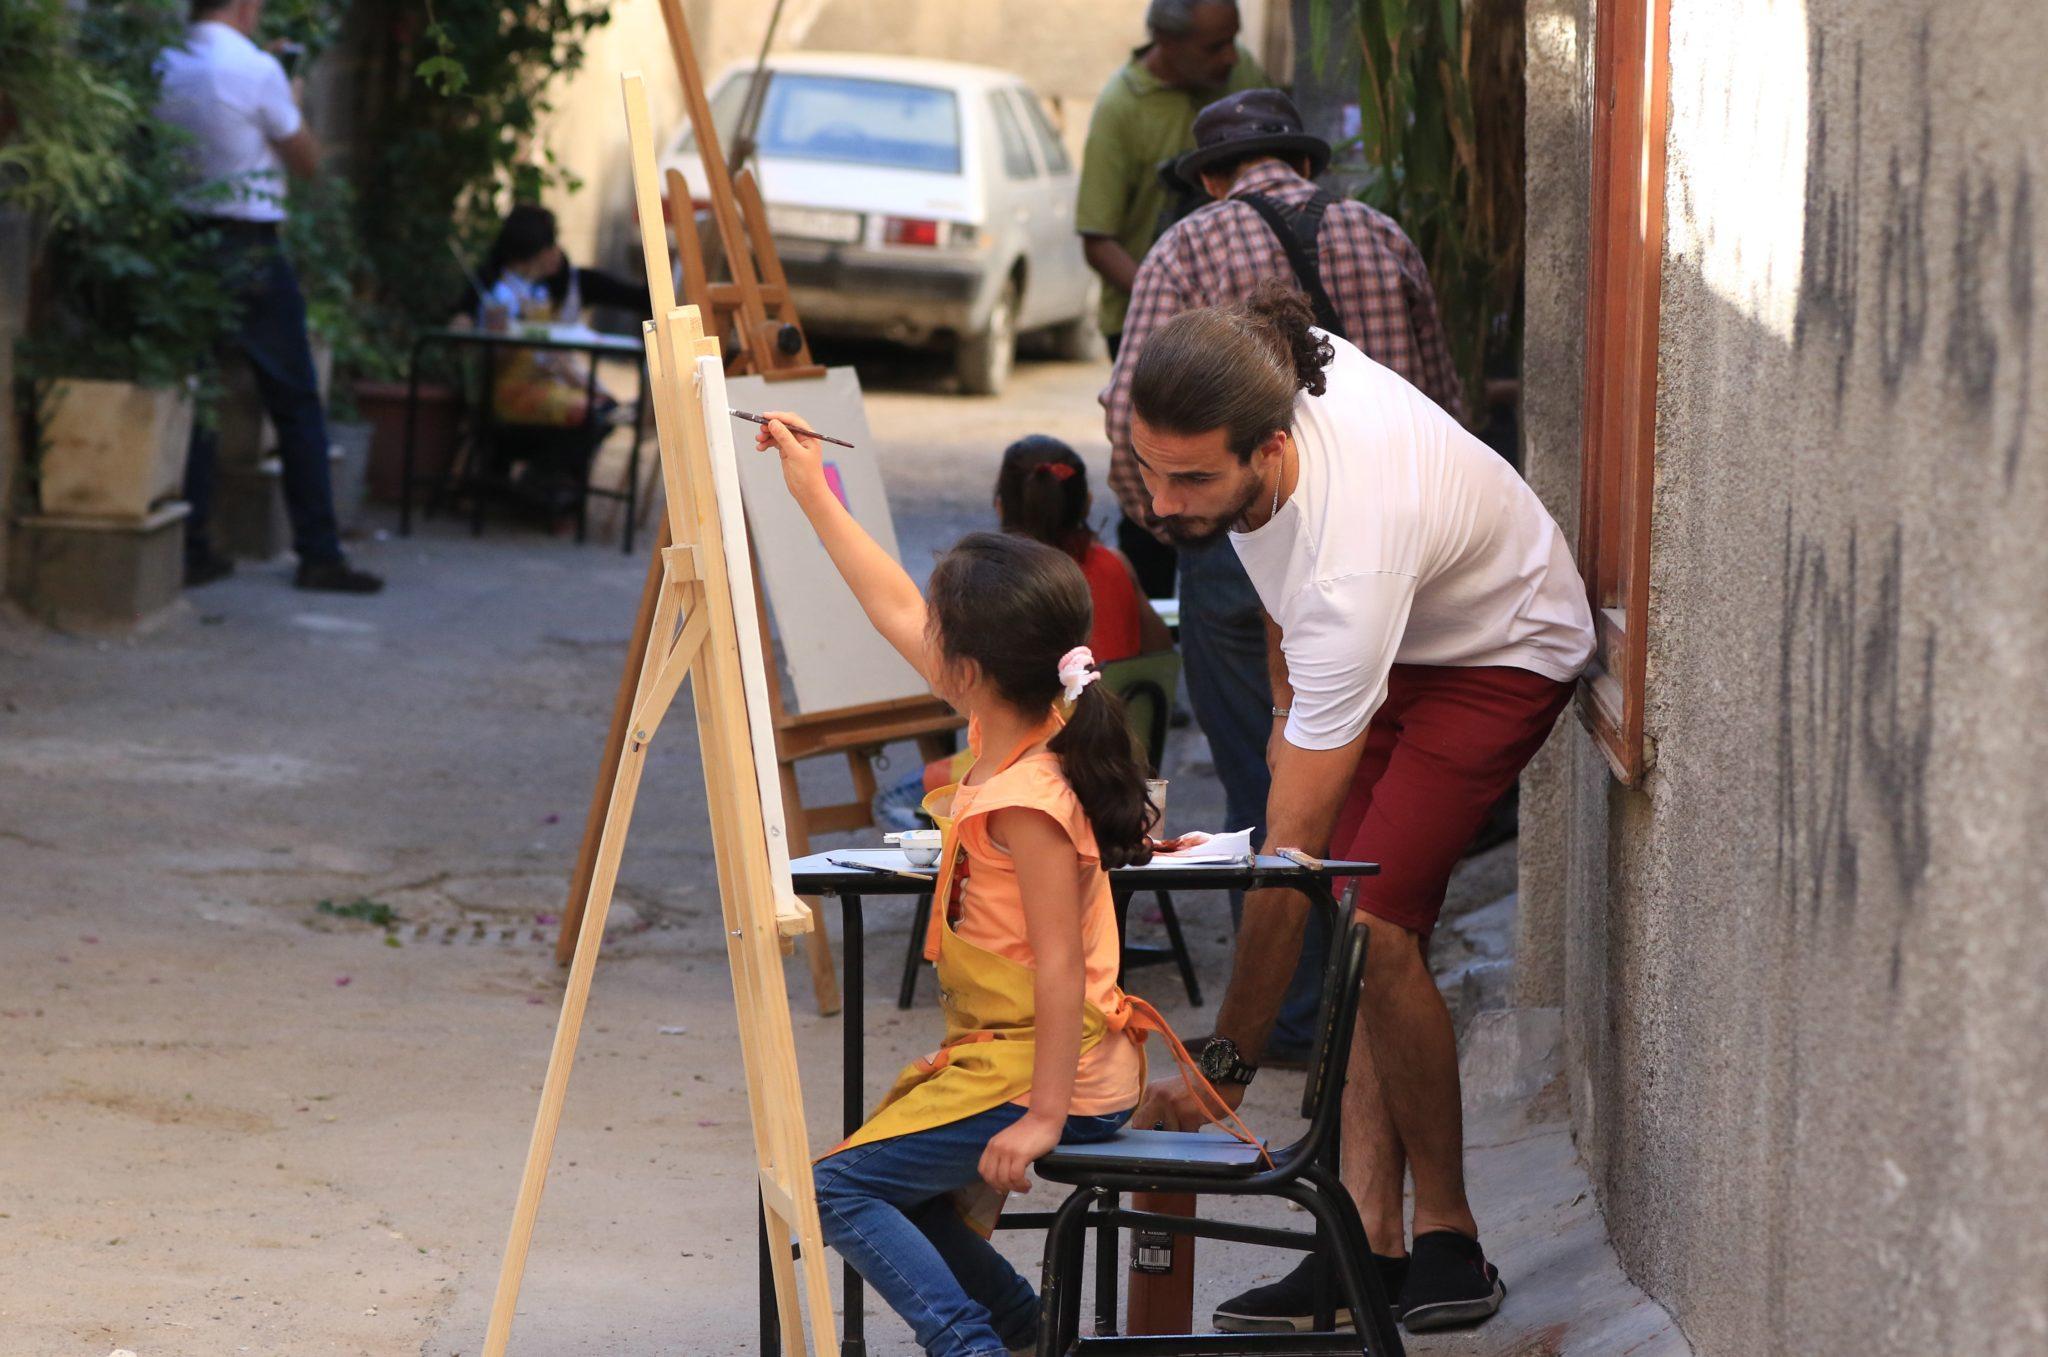 Syria: wystawa autorstwa dzieci o dzieciach z niepełnosprawnościami, wystawa w Damaszku zorganizowana przez organizację pozarządową, fot: Youssef Badaw, PAP/EPA